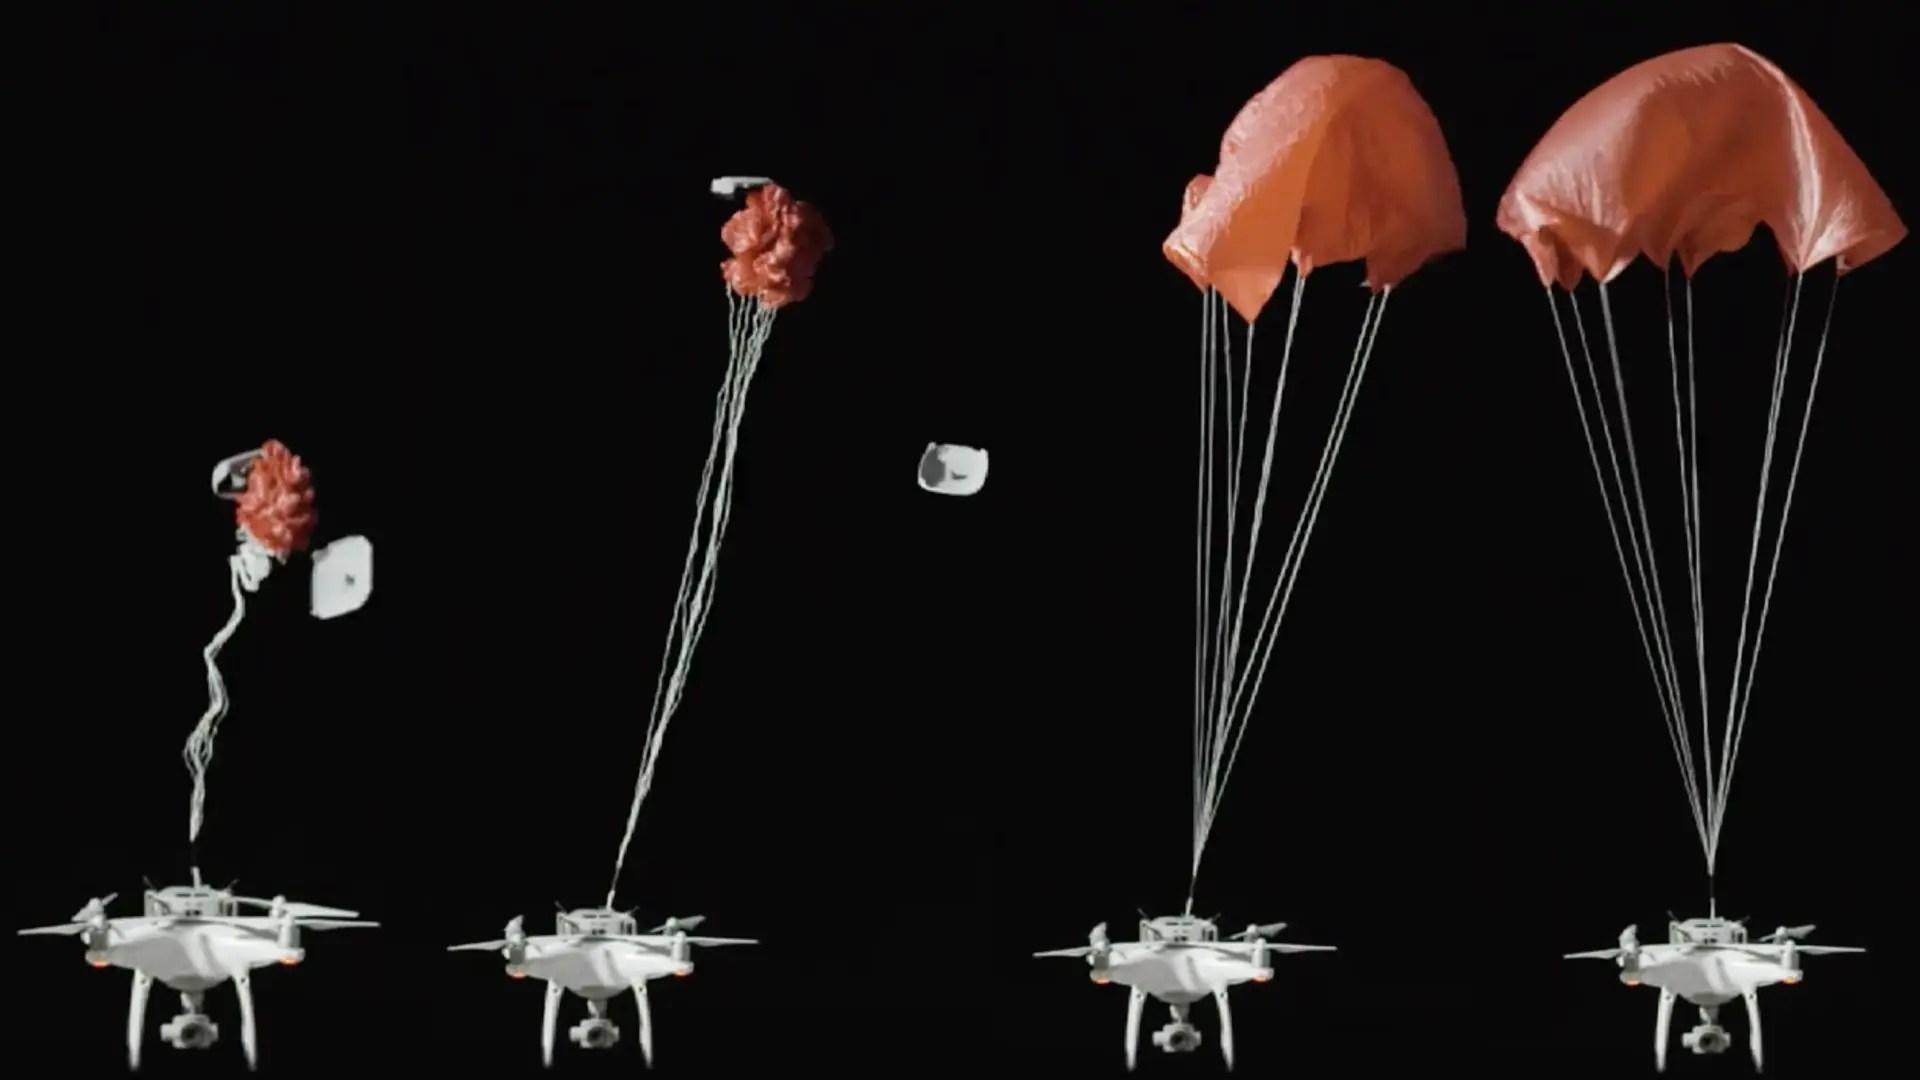 Parazero Parachutes